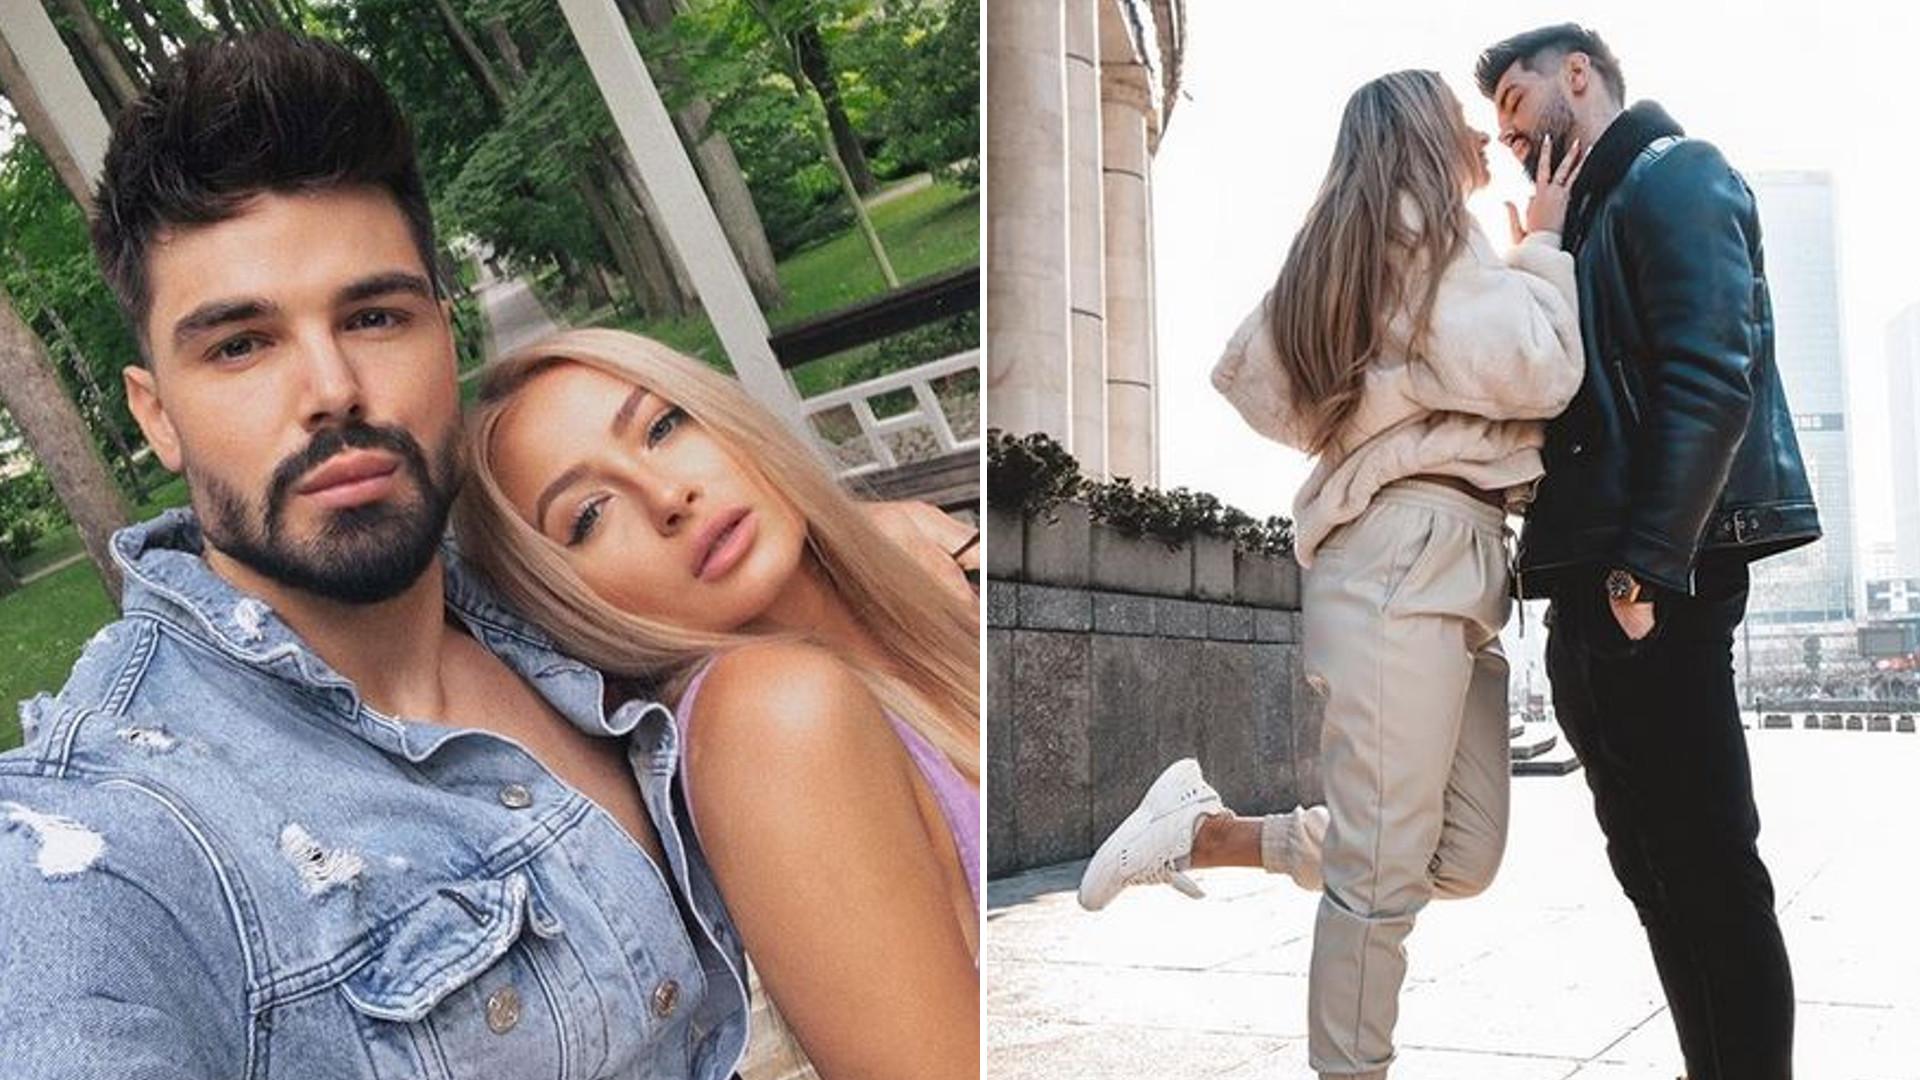 """Paweł z """"Love Island"""" komentuje plotki o rozstaniu z Moniką – dodał wspólne zdjęcie, ale gorzko zażartował na jej temat"""